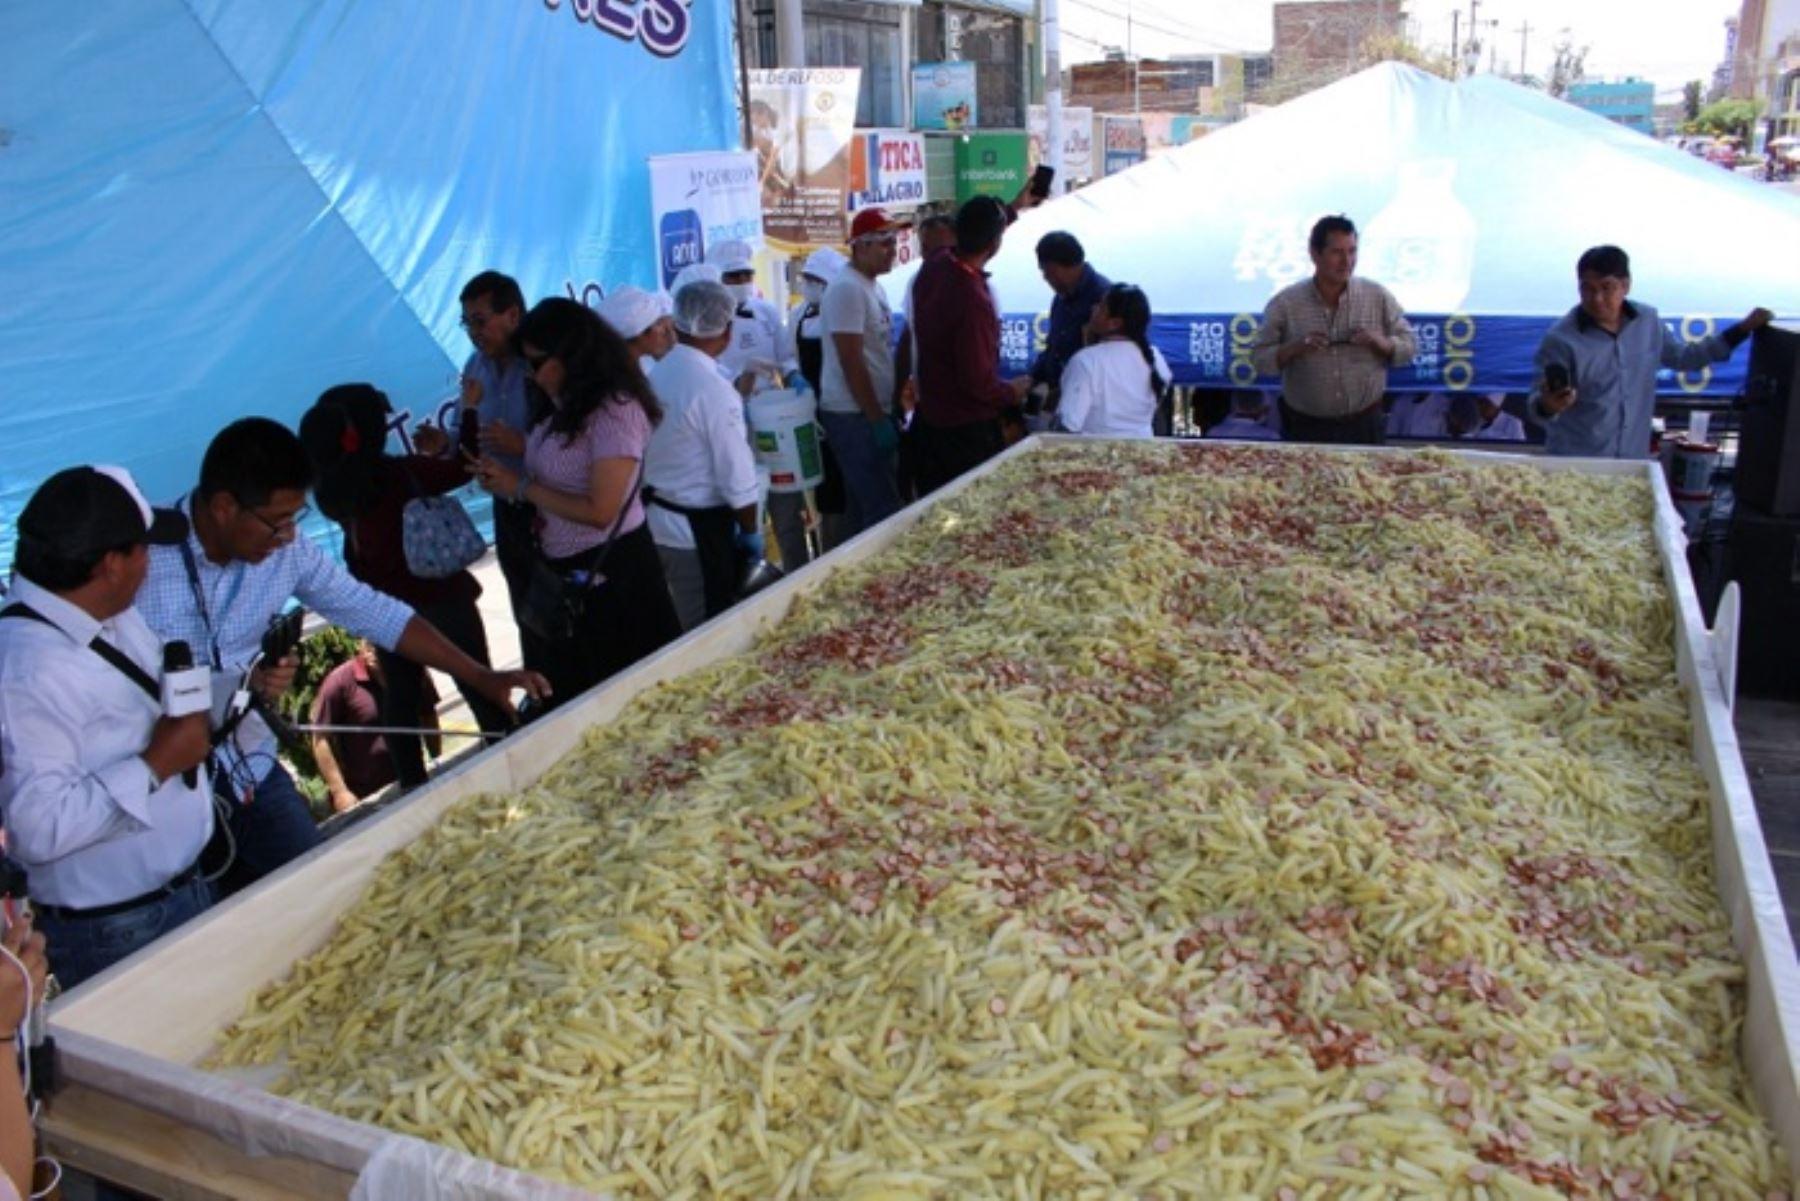 La plaza Mayta Cápac fue el escenario de la actividad, donde se batió el récord mundial que hasta hace poco lo tenía la ciudad de Quito (Ecuador), con 1,500 kilos de esta comida rápida.